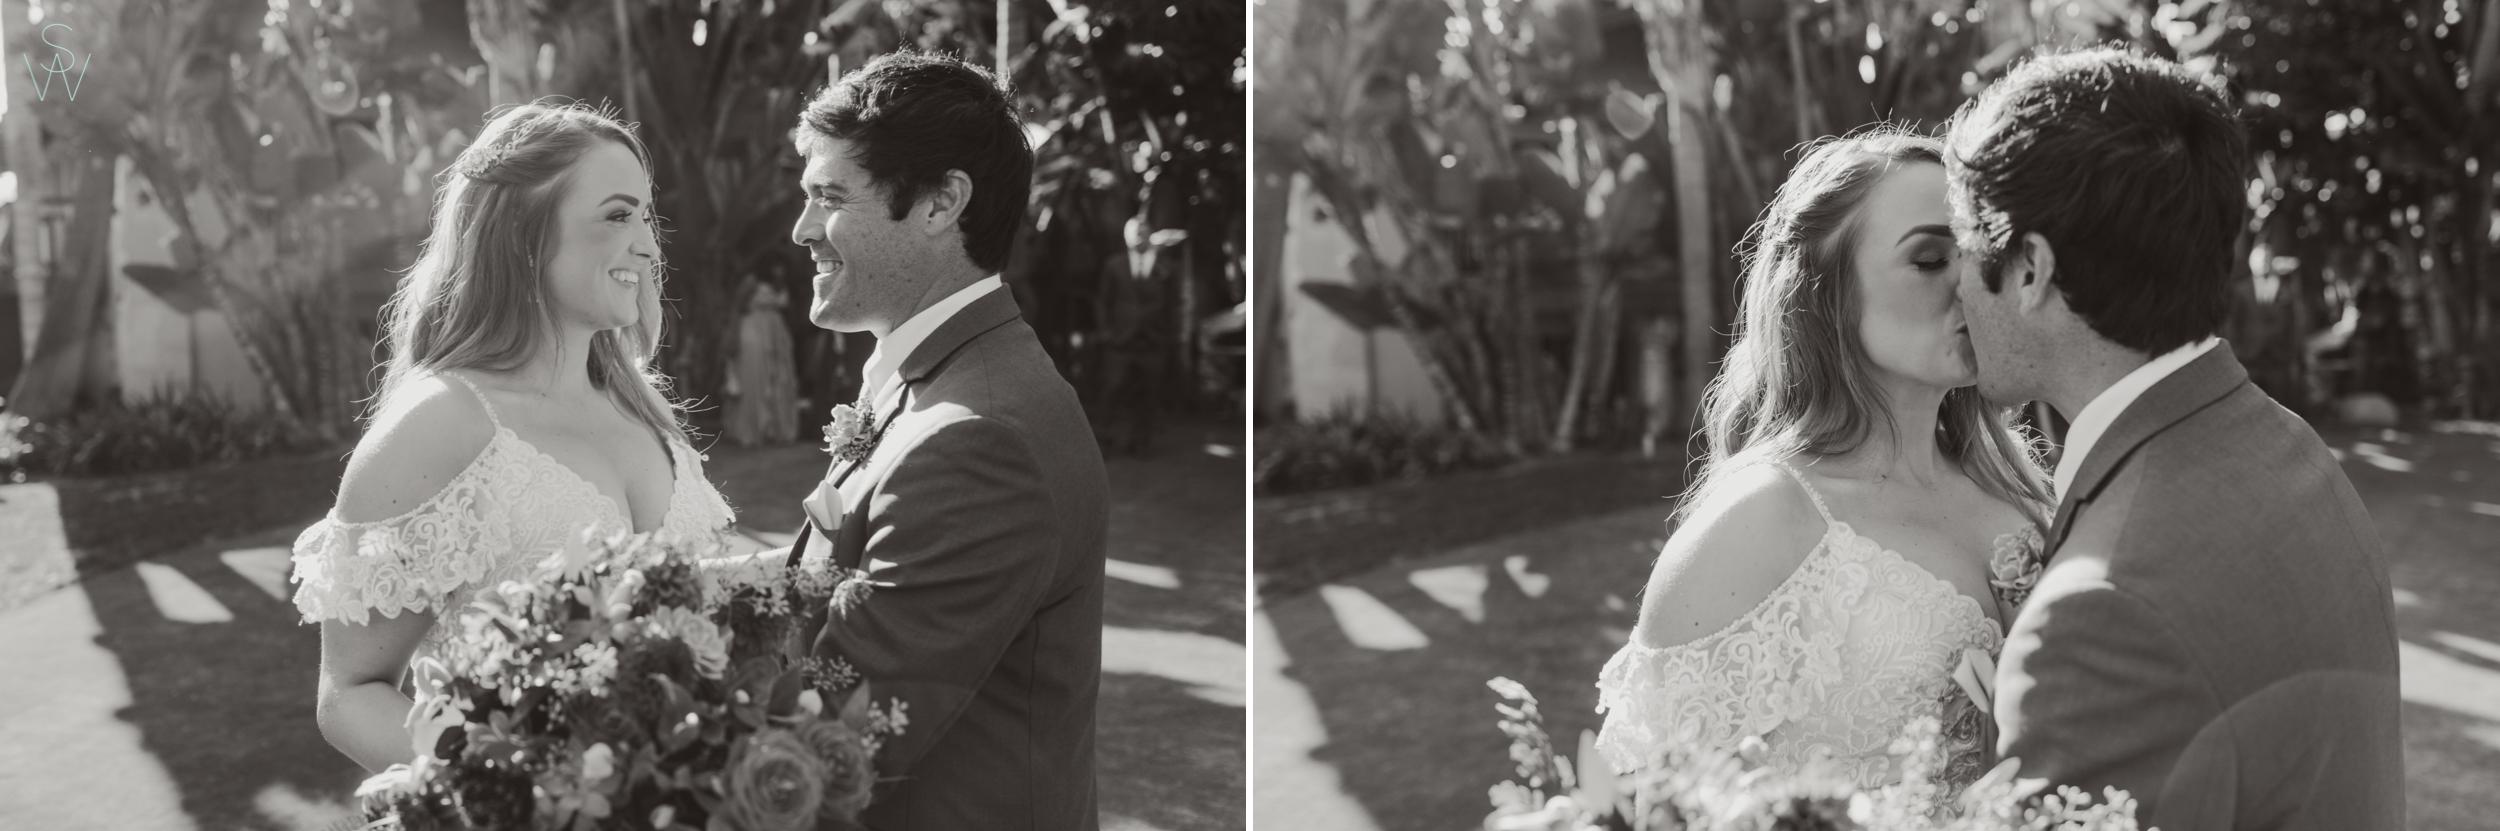 134San.diego.wedding.shewanders.photography.JPG